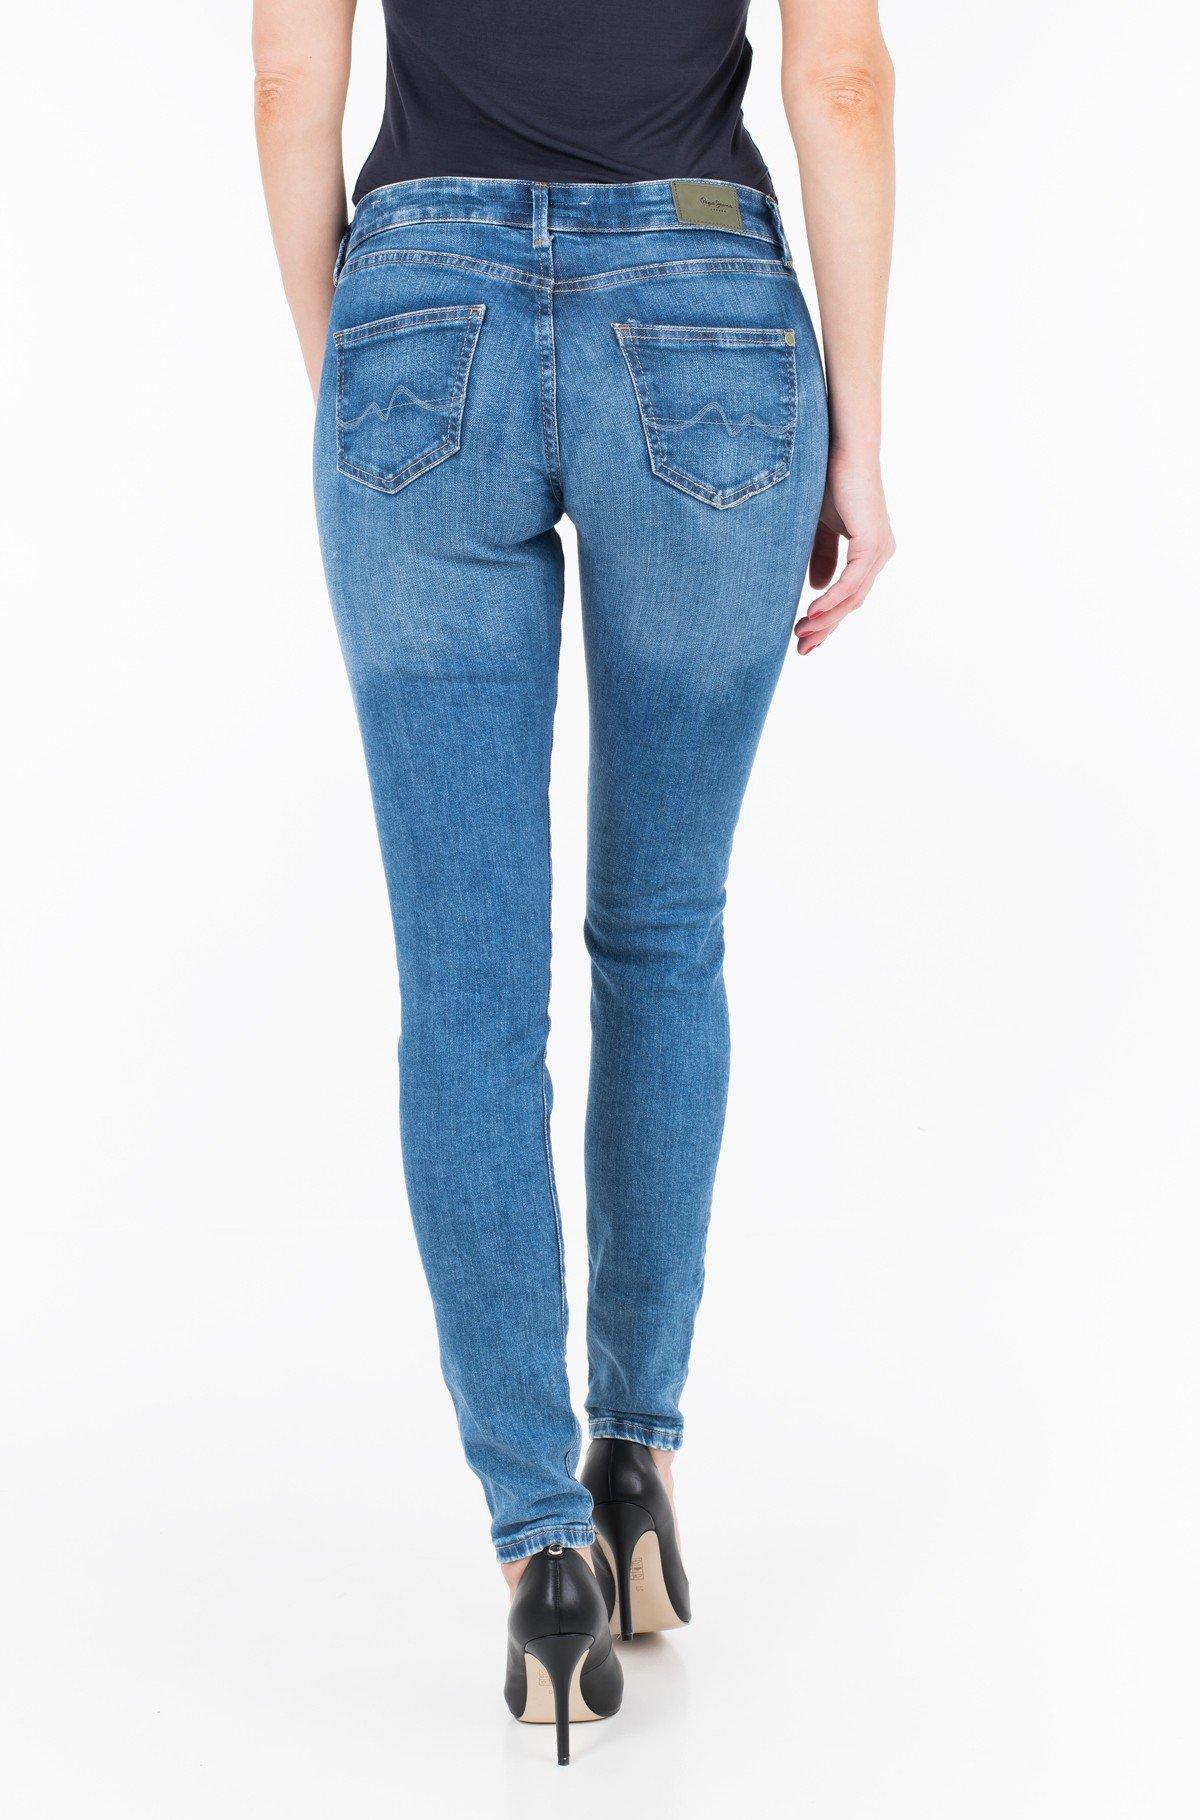 Jeans PIXIE/PL200025WZ6-full-2